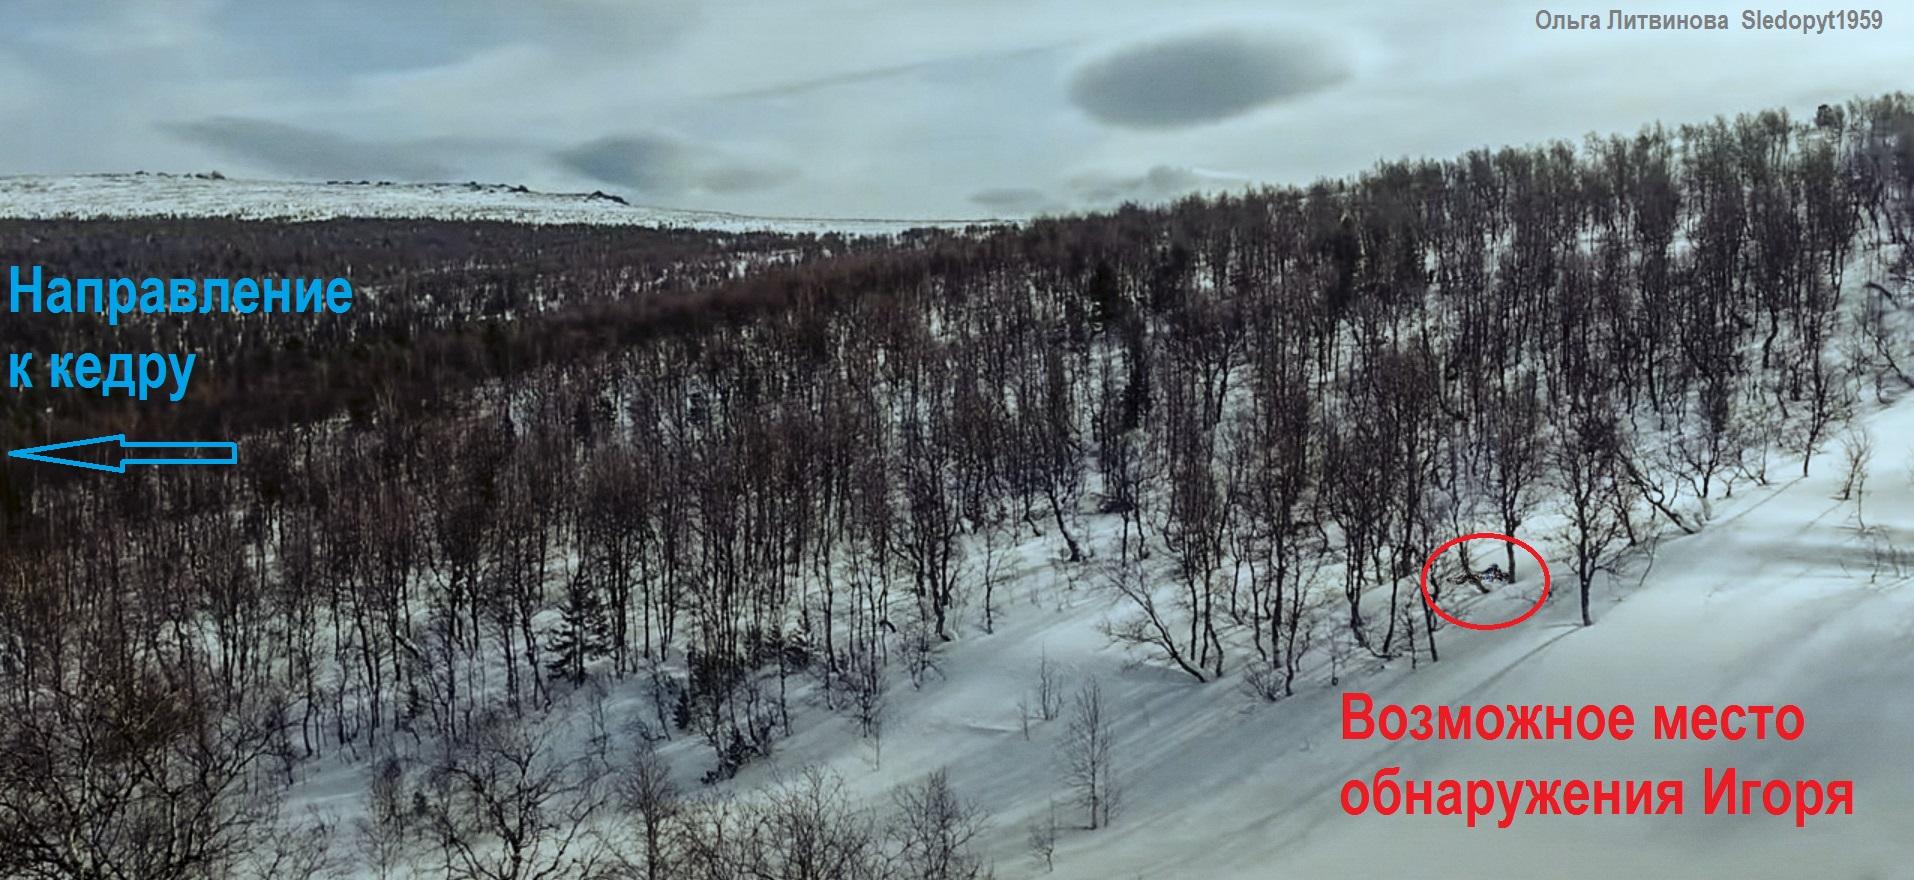 http://forumupload.ru/uploads/001a/7e/41/2/850359.jpg